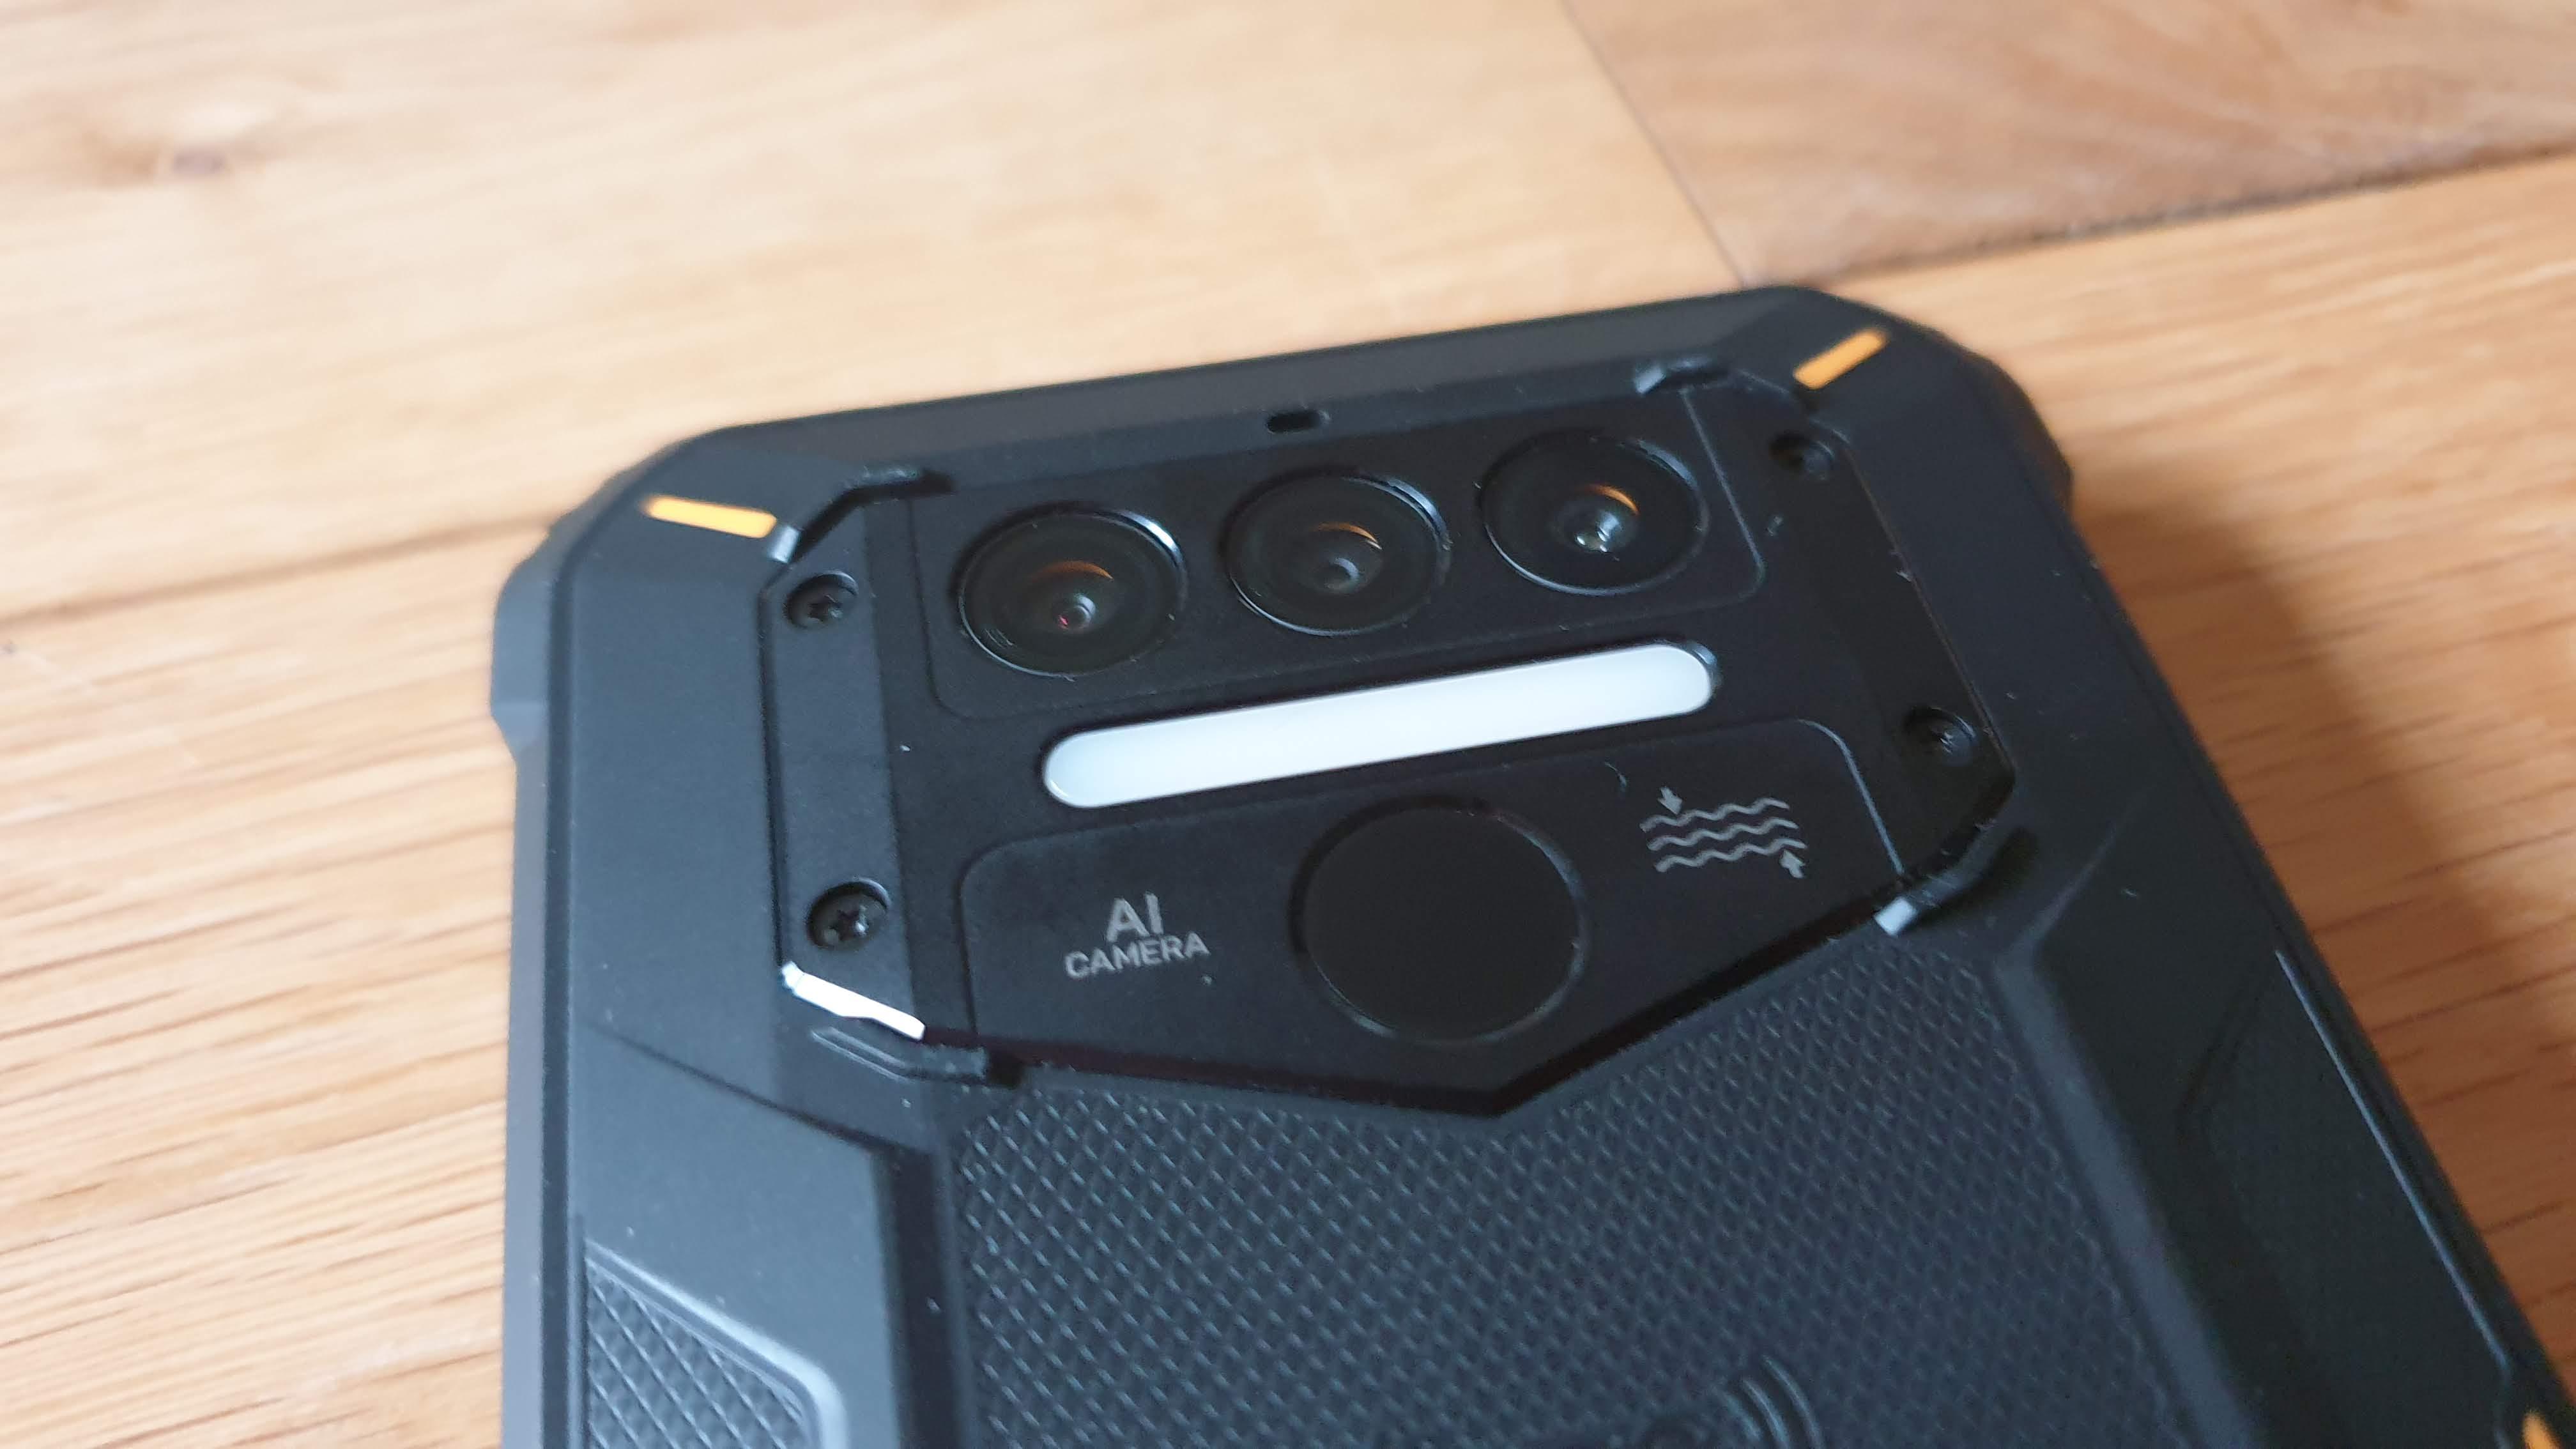 Rear Cameras